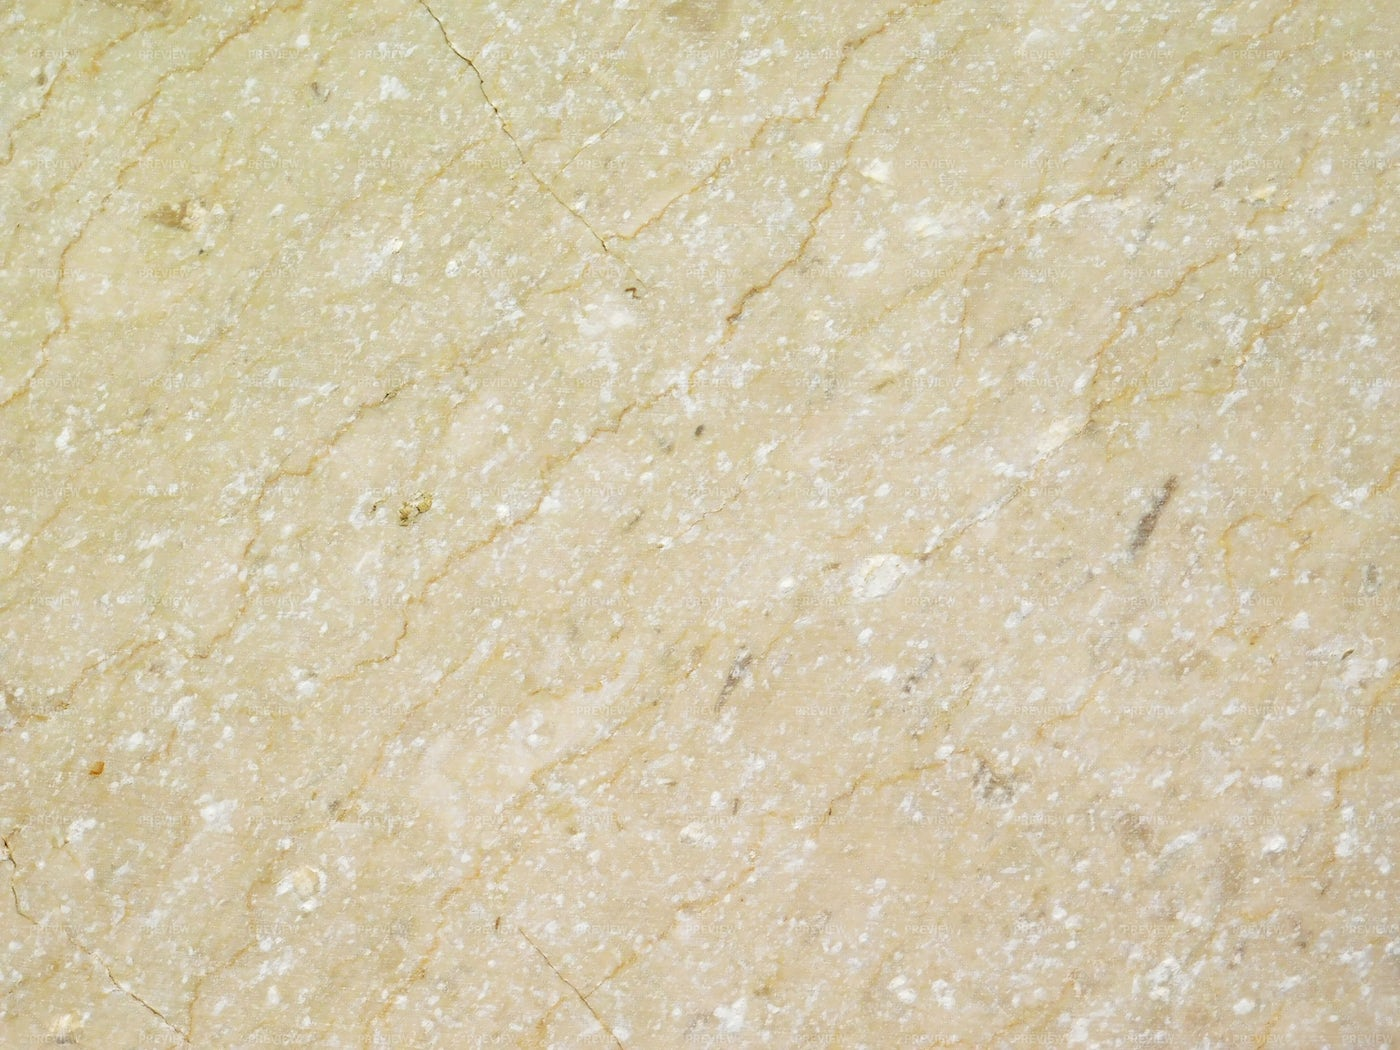 Yellow Stone Texture: Stock Photos